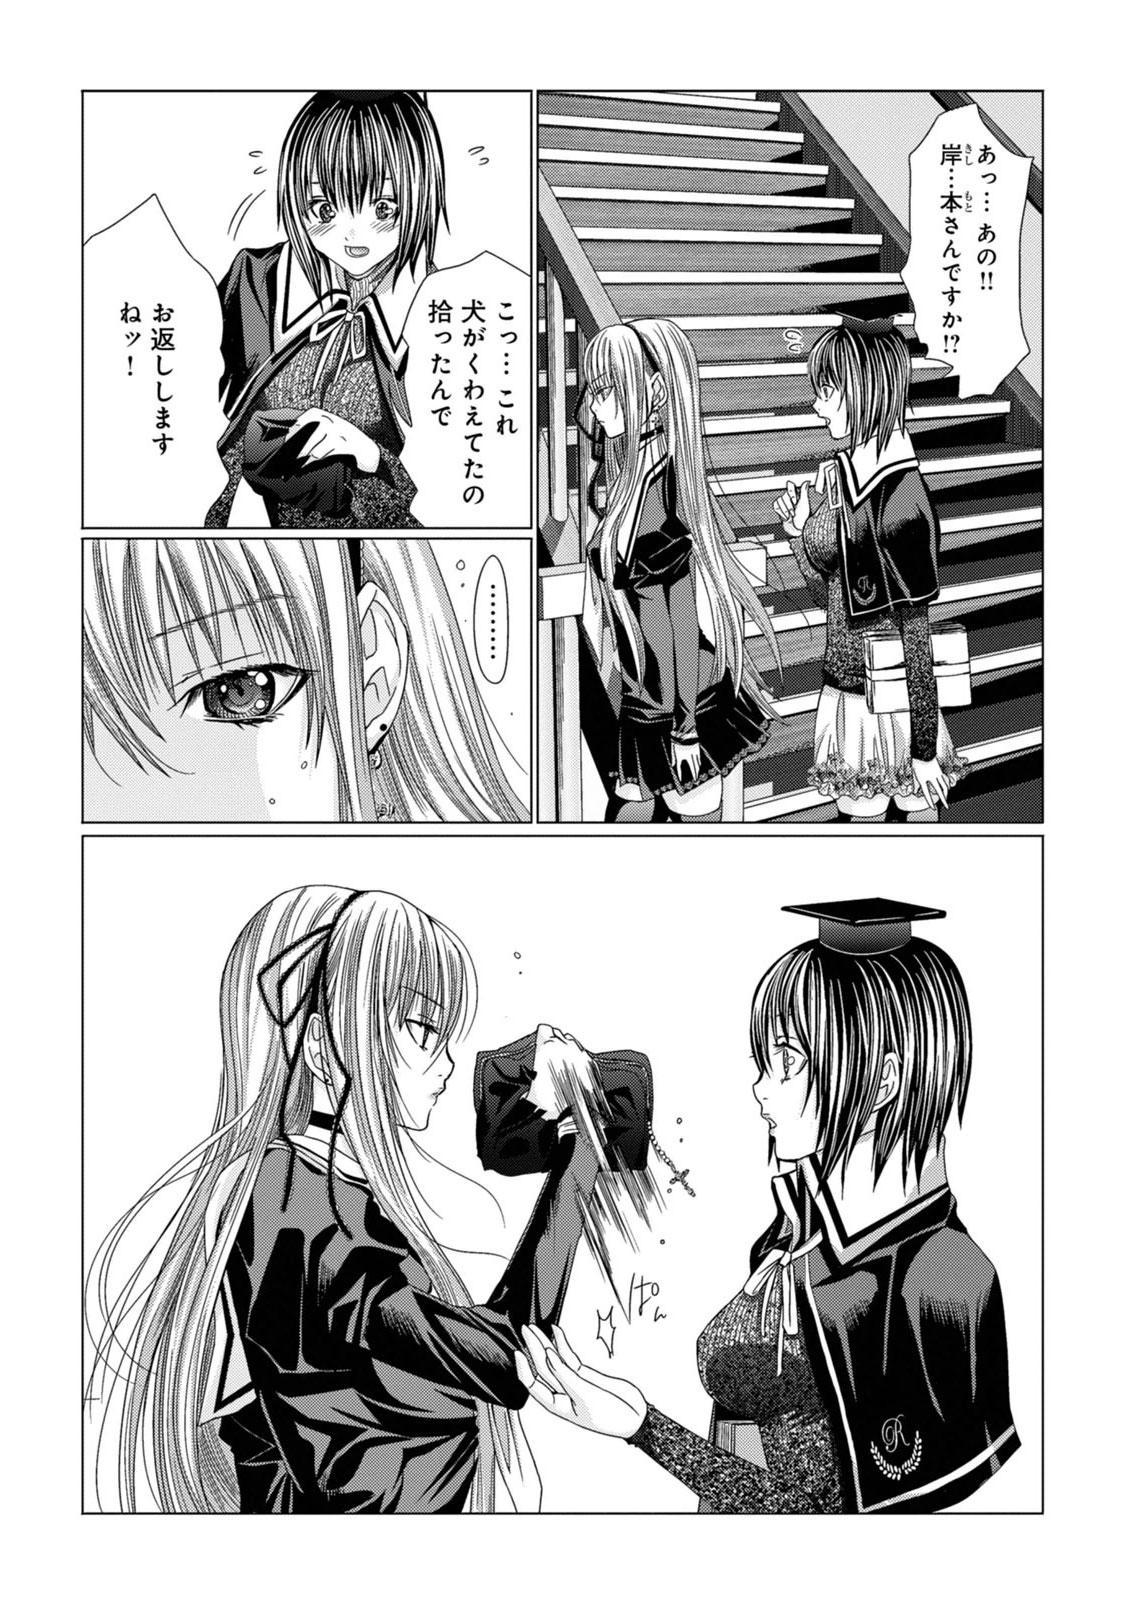 [Miyazaki Maya] Holy Knight ~Junketsu to Ai no Hazama de~ Vol. 1 26